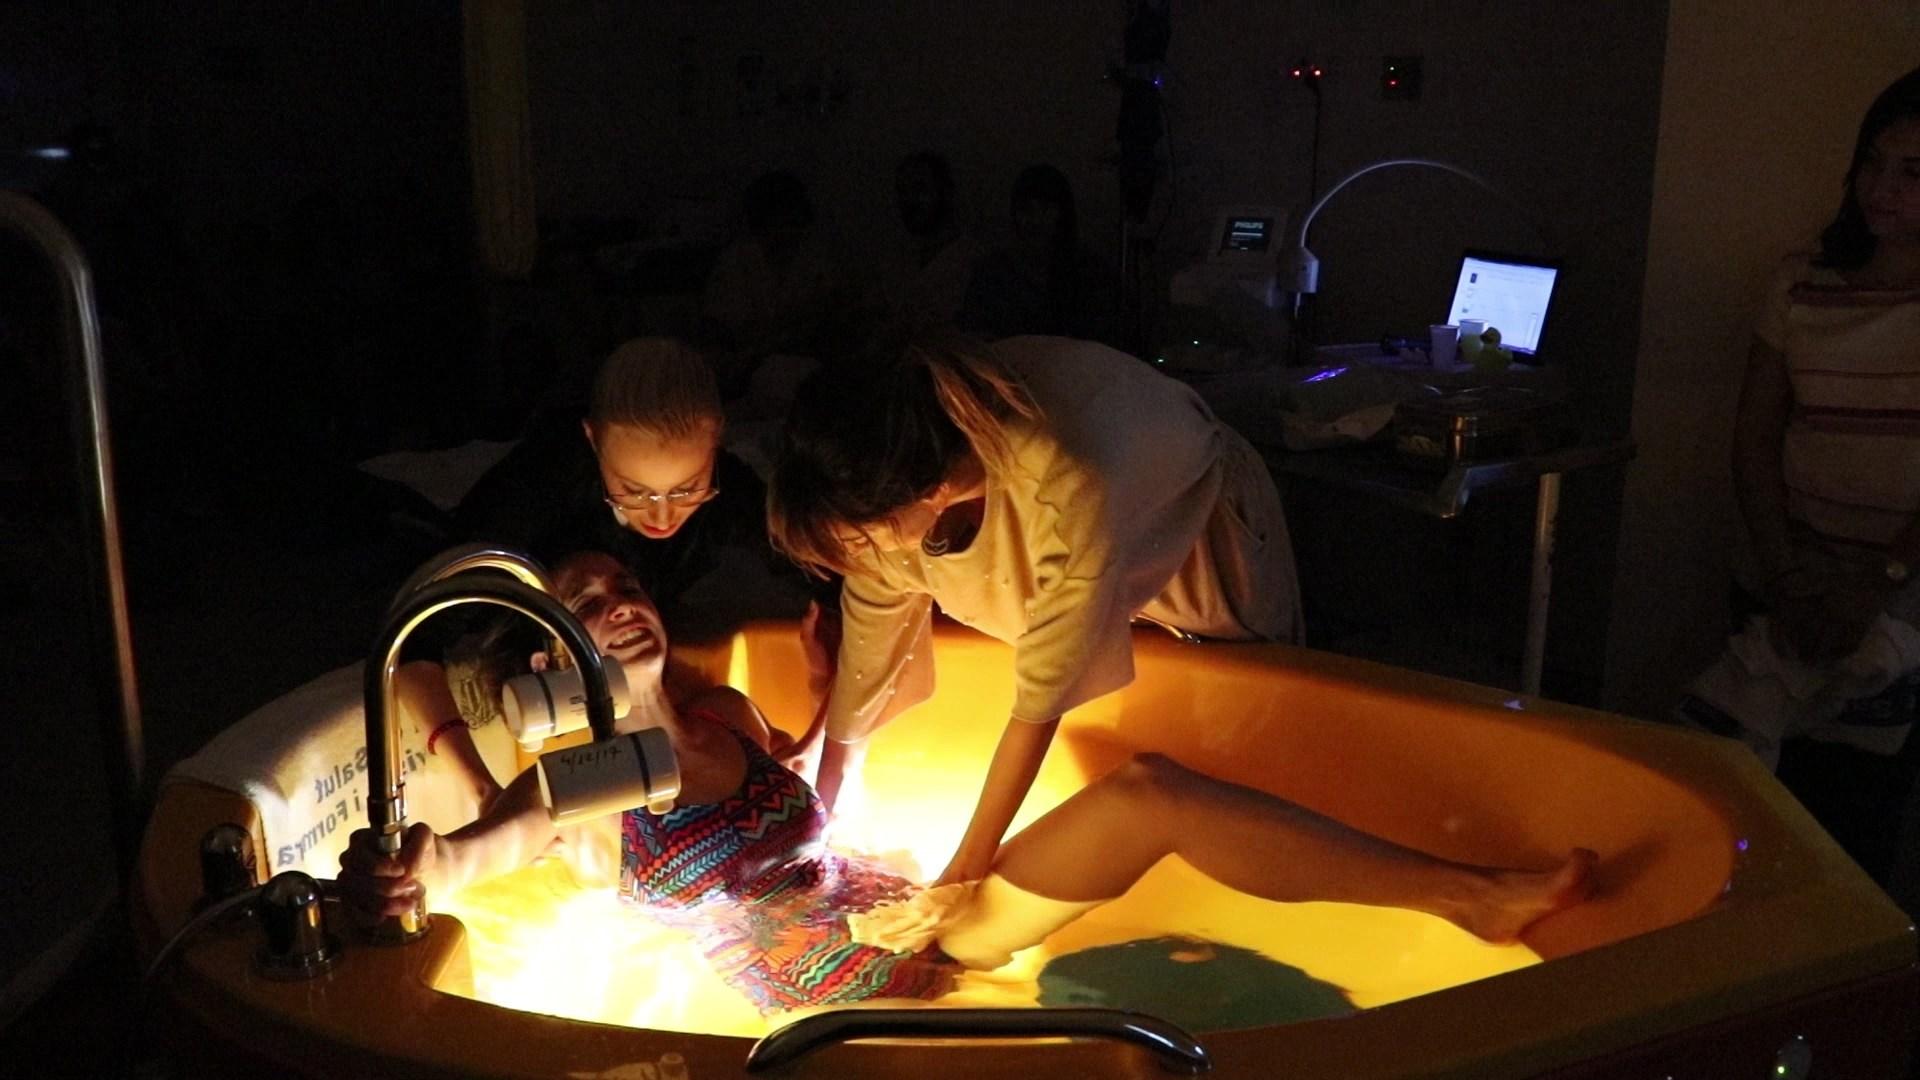 Dar a luz en el agua en un hospital es seguro tanto para la madre como para el bebé